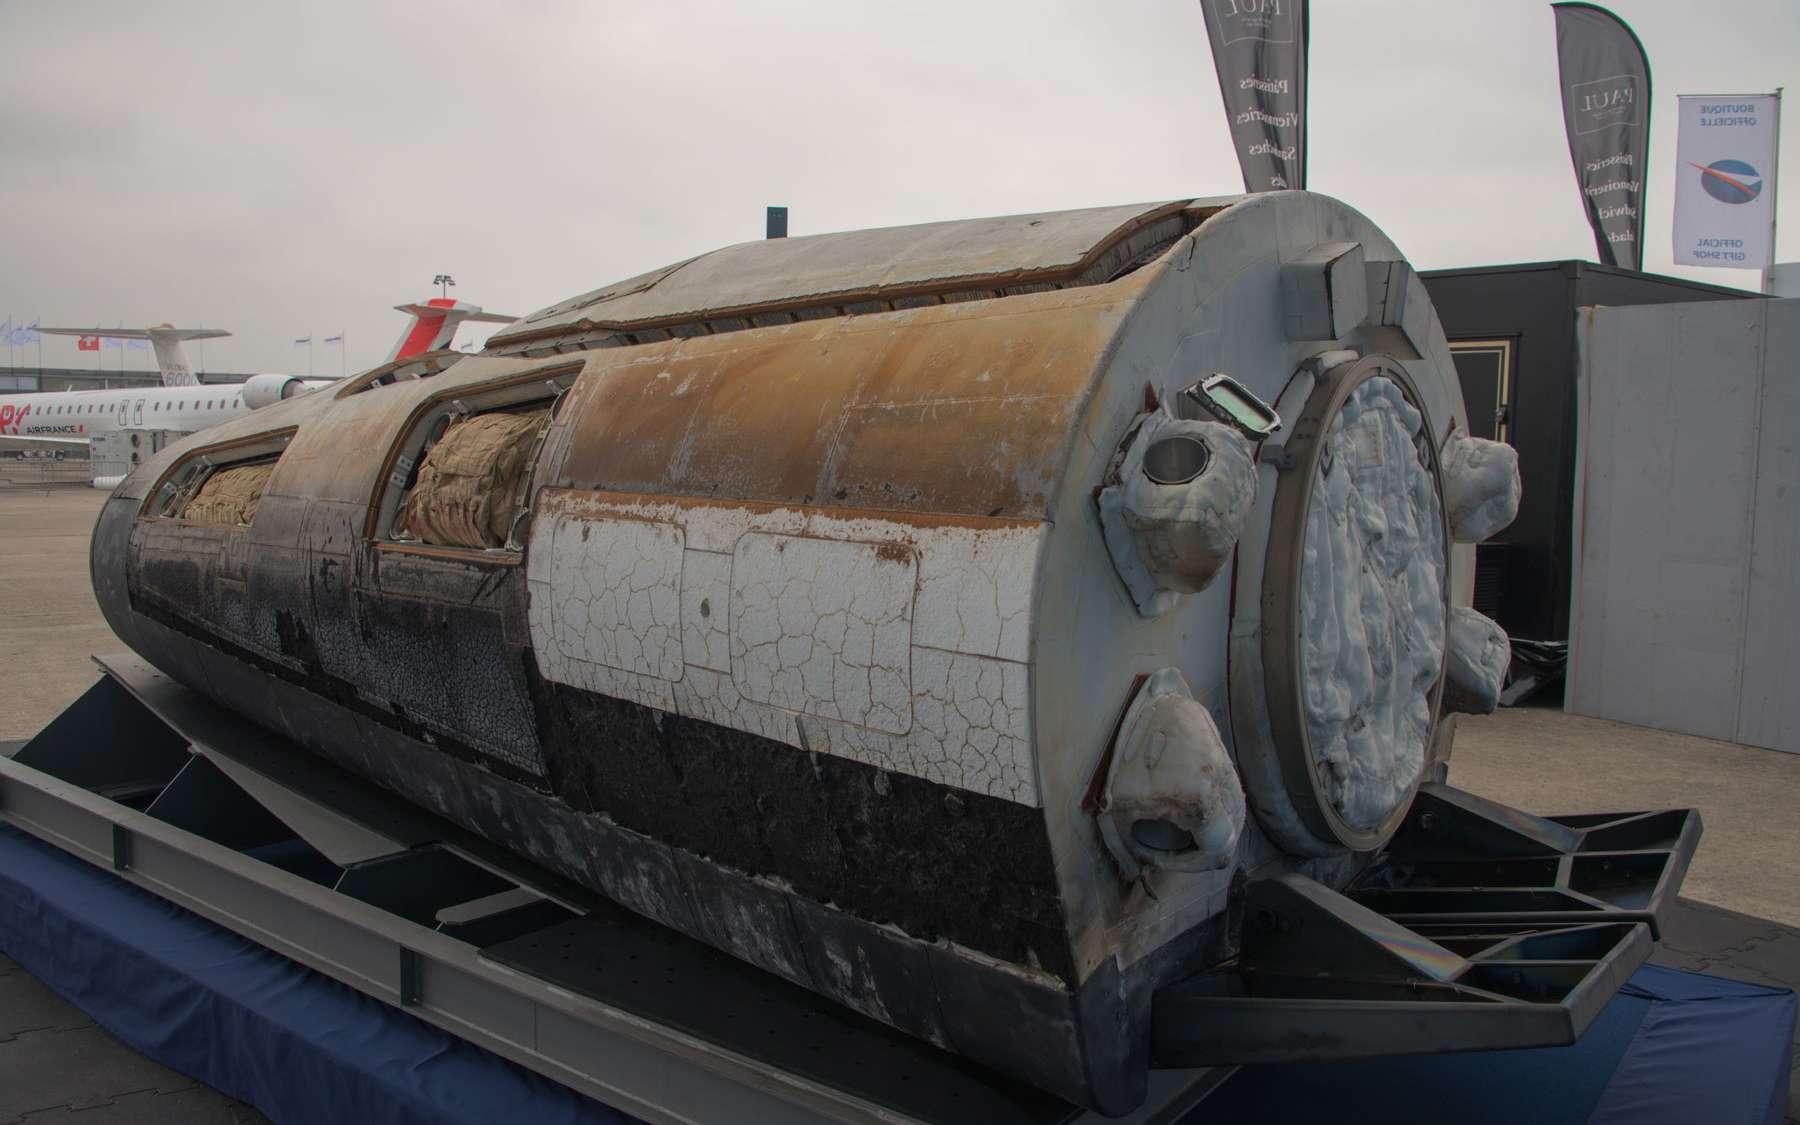 L'IXV au salon du Bourget, portant encore les stigmates de son vol du 11 février. L'image montre les deux volets de gouverne (à droite sur l'image), installés à l'arrière de l'appareil et permettant le pilotage par les forces aérodynamiques. On distingue les deux protections thermiques, radiative (les tuiles noires, sous le ventre, exposées aux plus fortes températures), et ablative, au-dessus. © Rémy Decourt